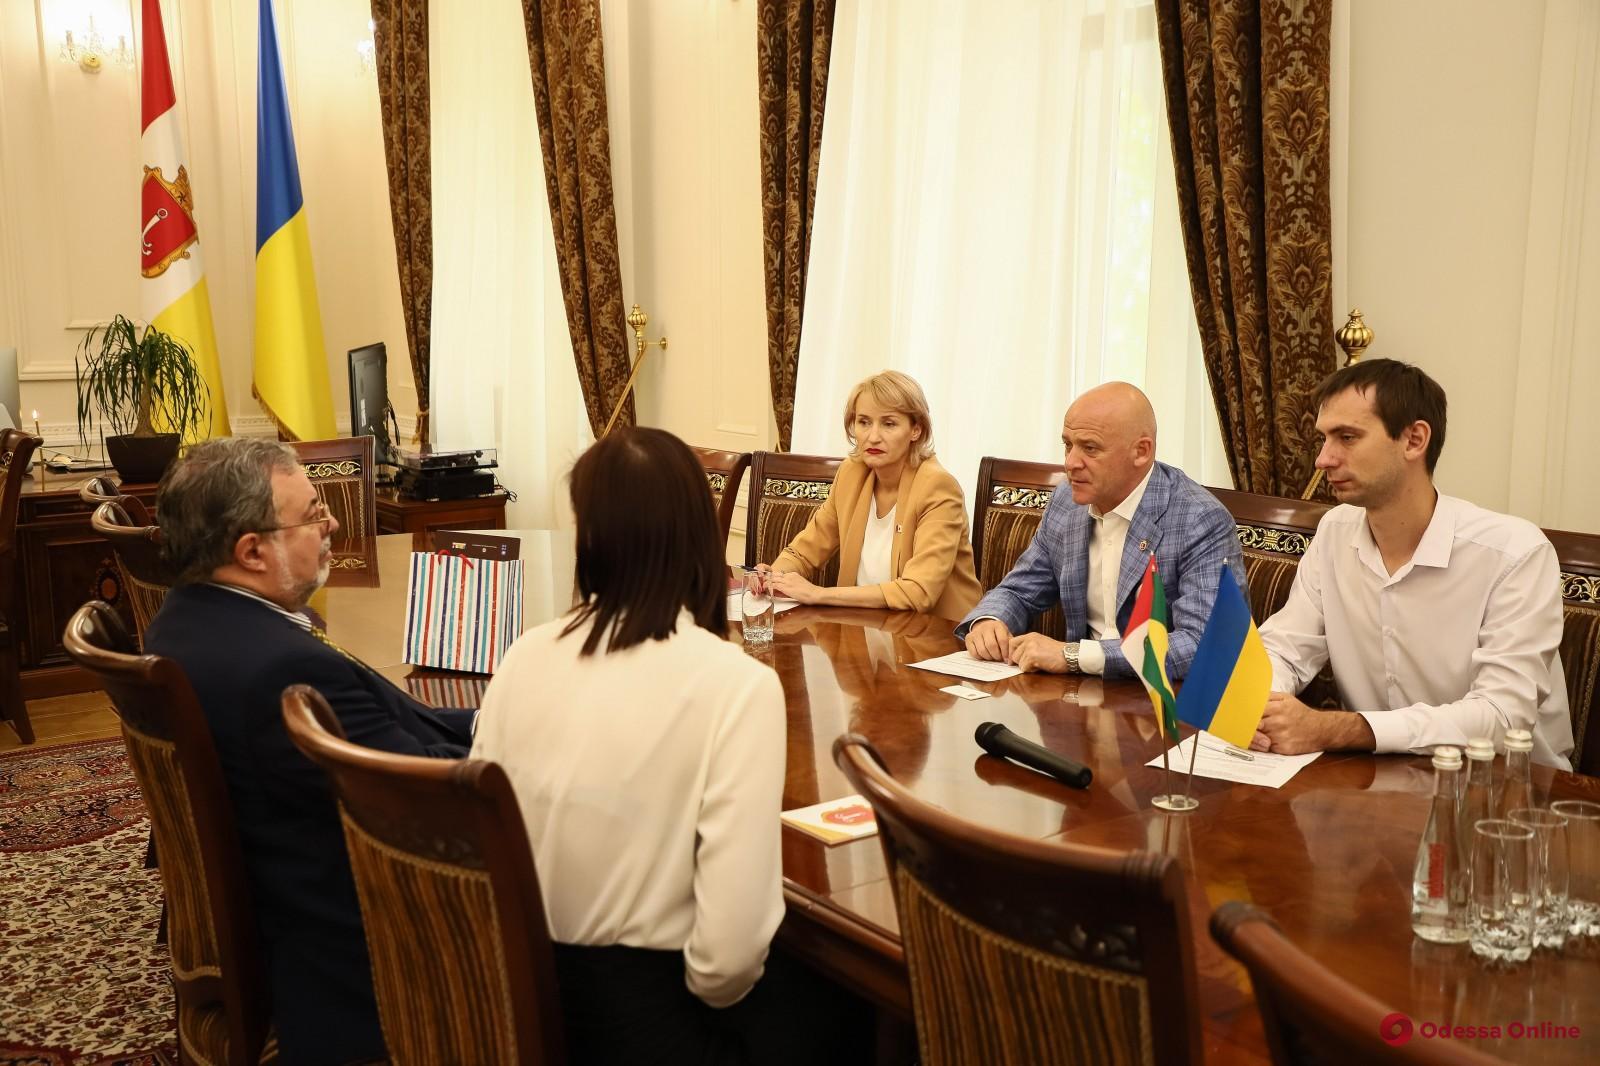 Посол Бразилии поделился впечатлениями об участии в праздновании Дня рождения Одессы